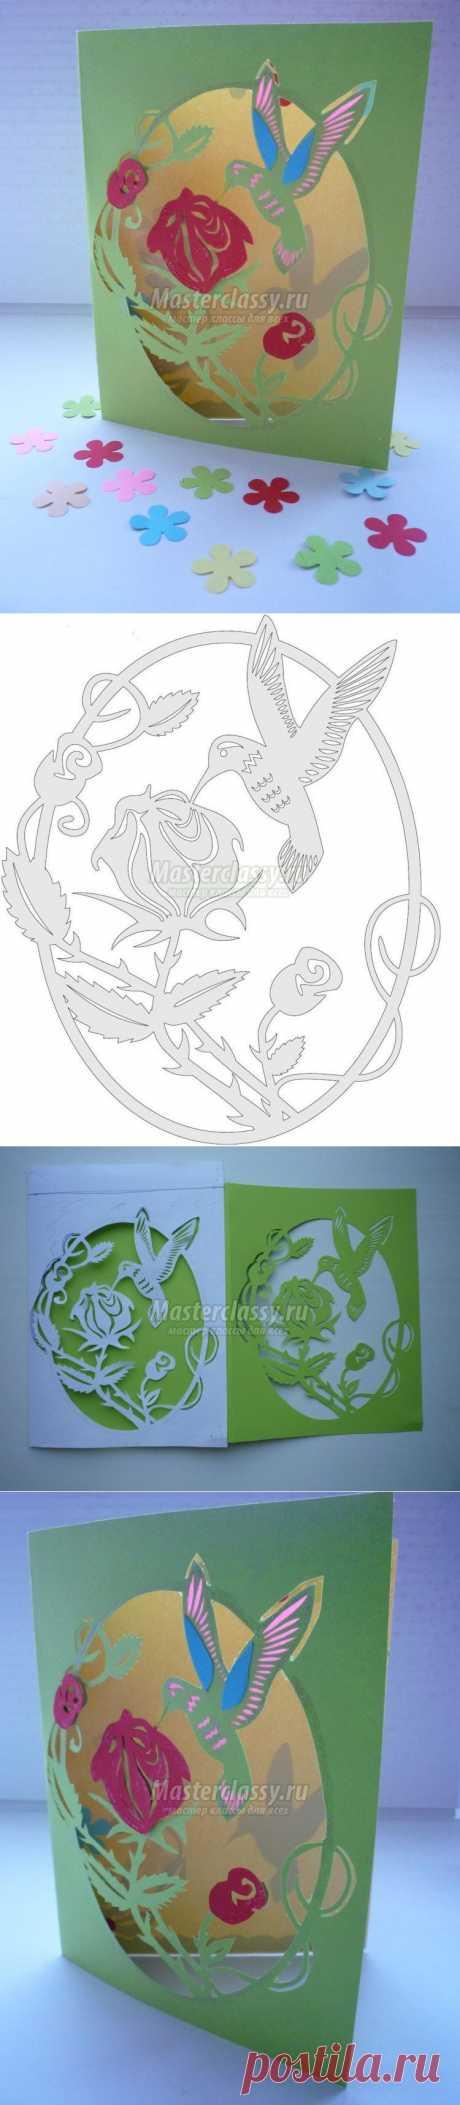 Киригами. Резная открытка к 8 Марта «Колибри». Мастер-класс с пошаговыми фото